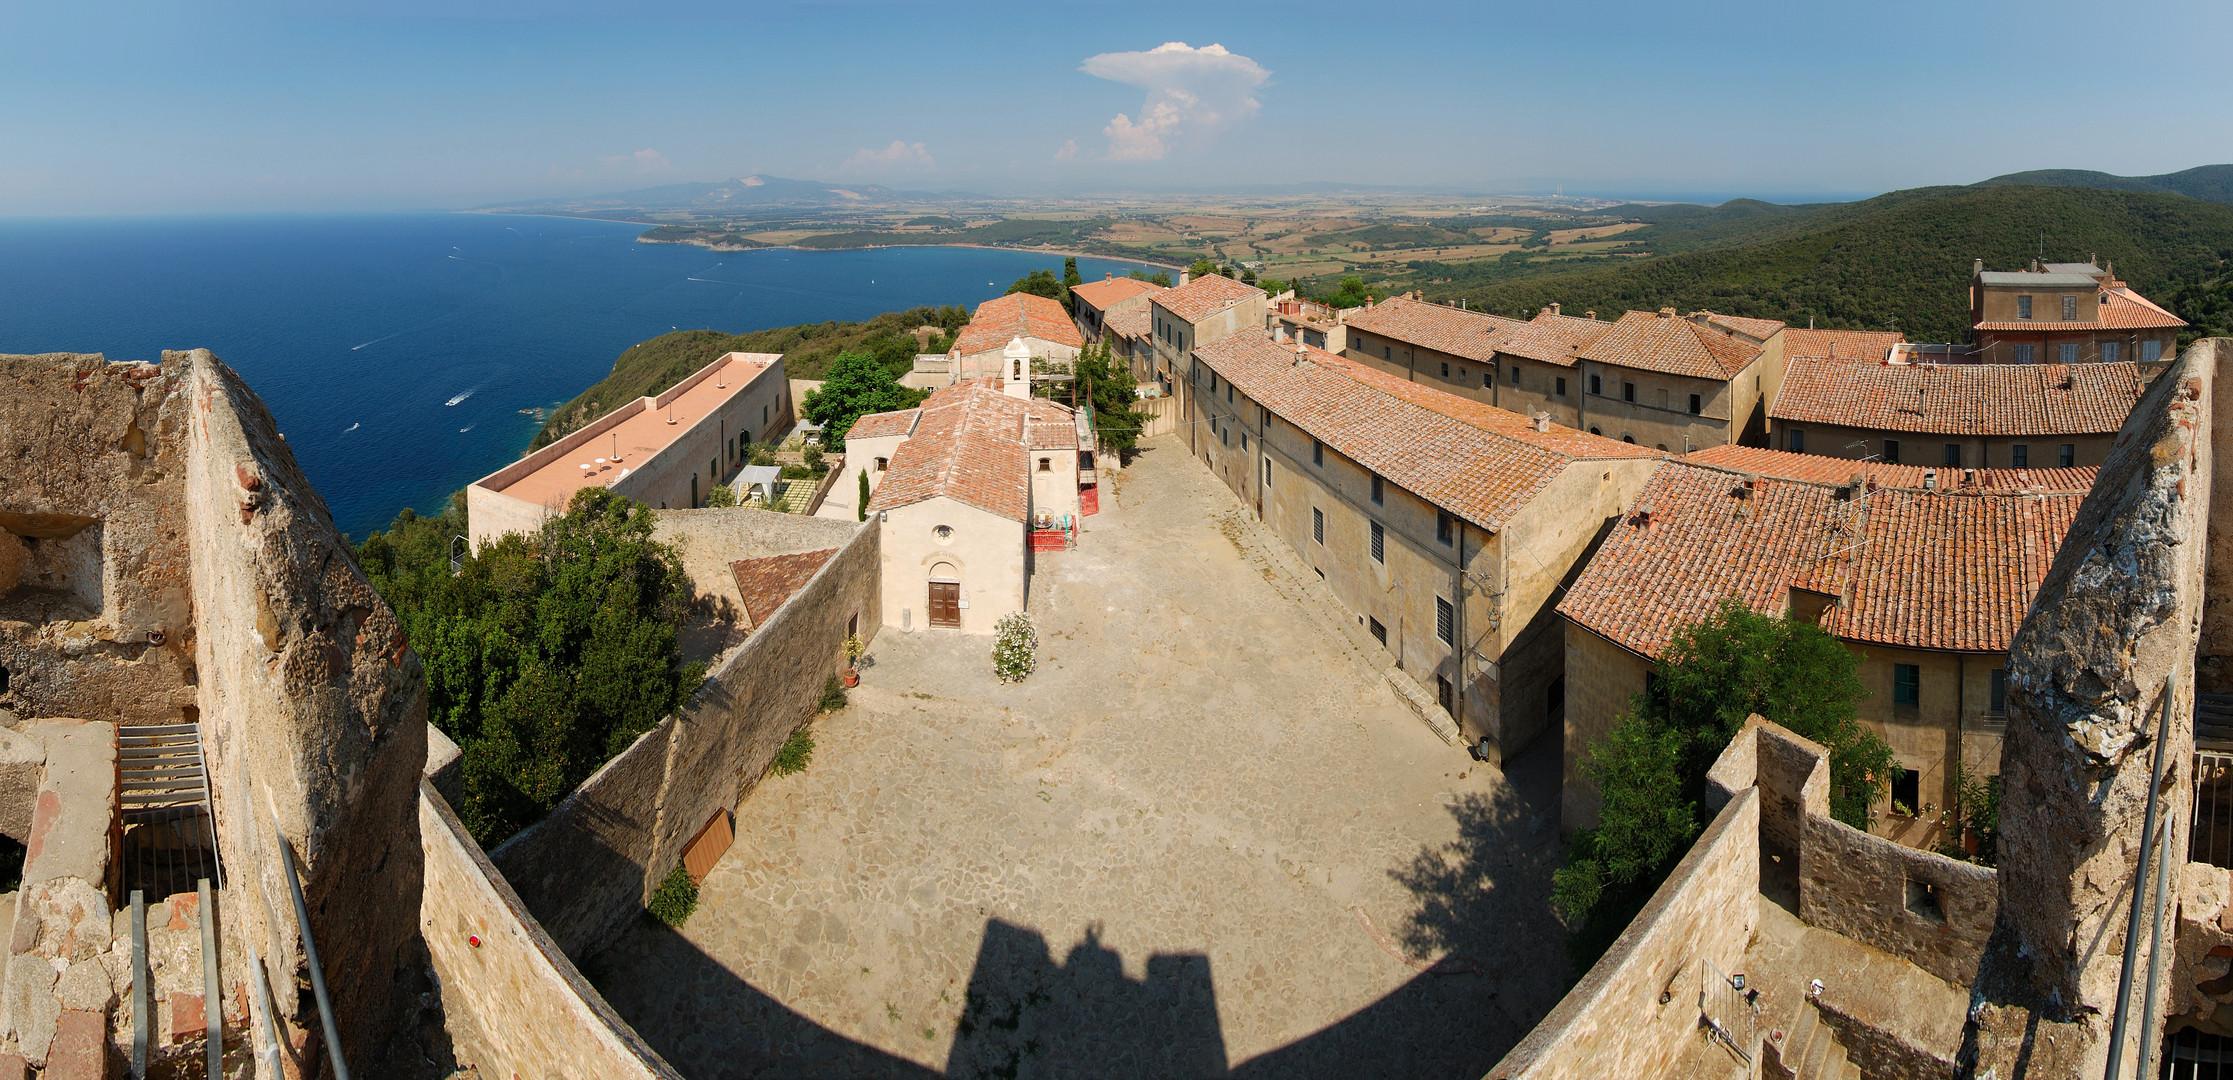 Altes toscanisches Gemäuer am Meer